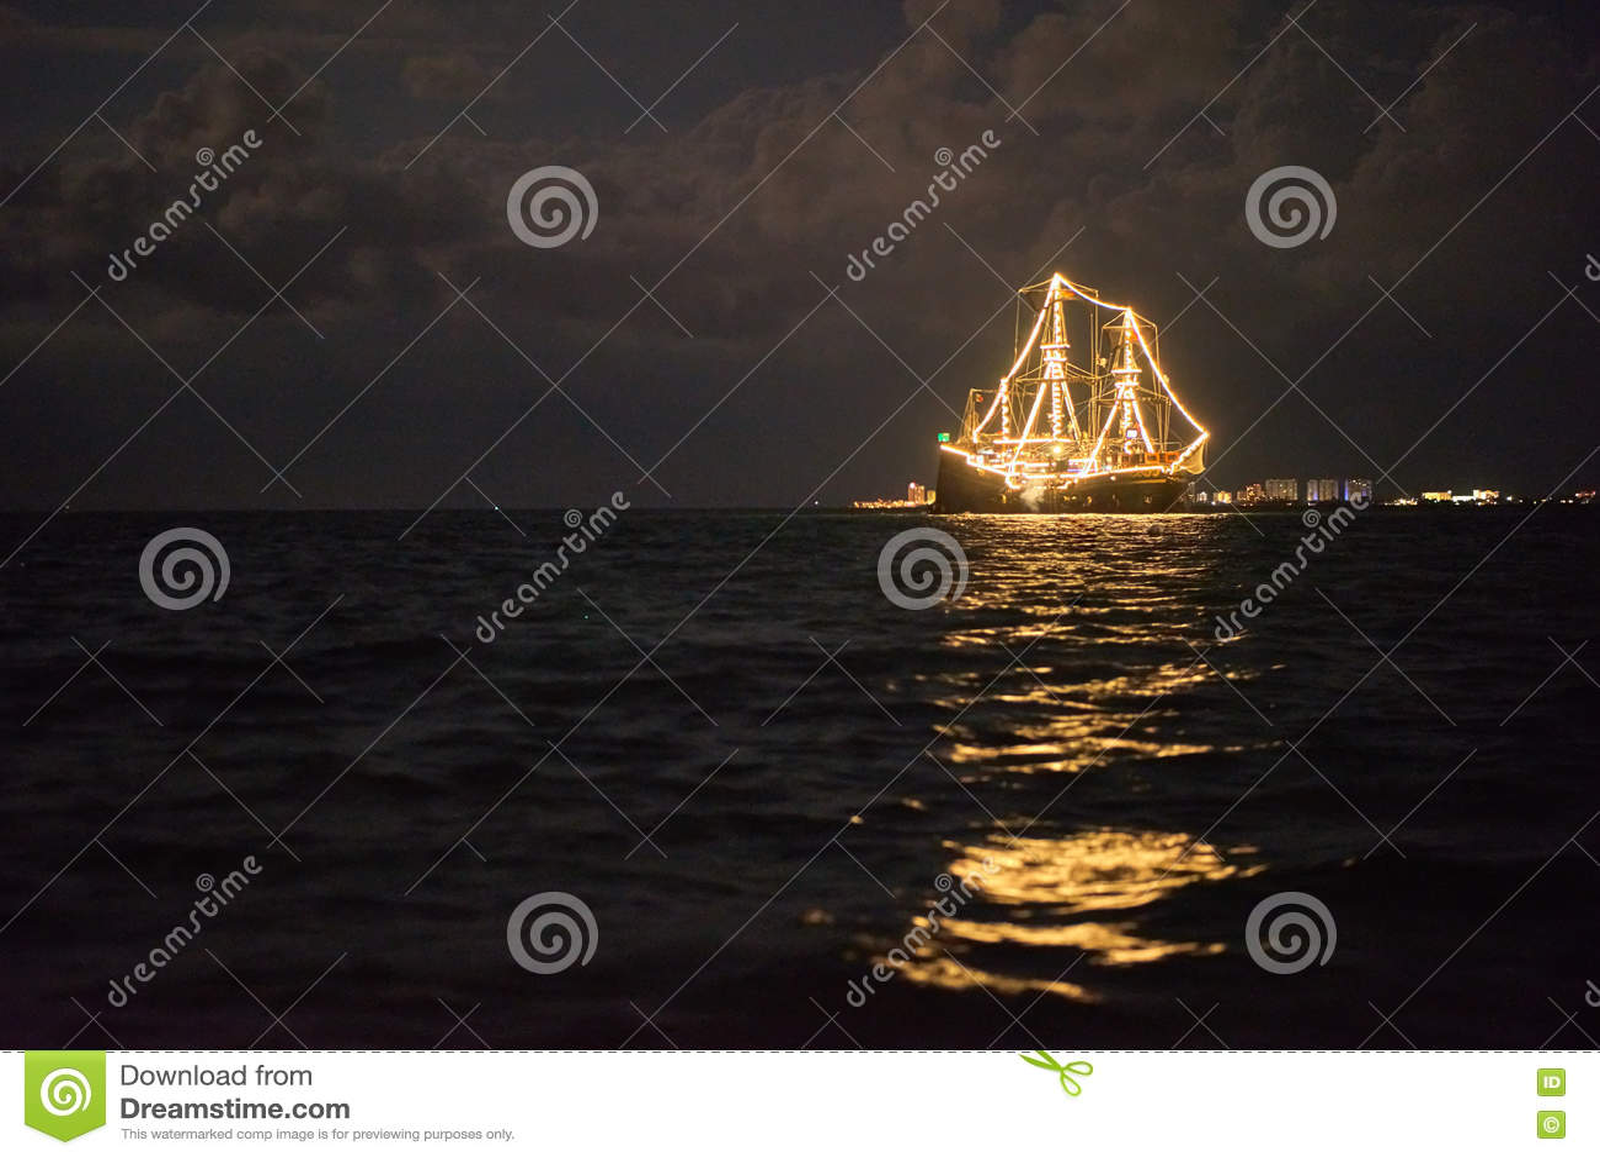 Statek jarzy się w morzu